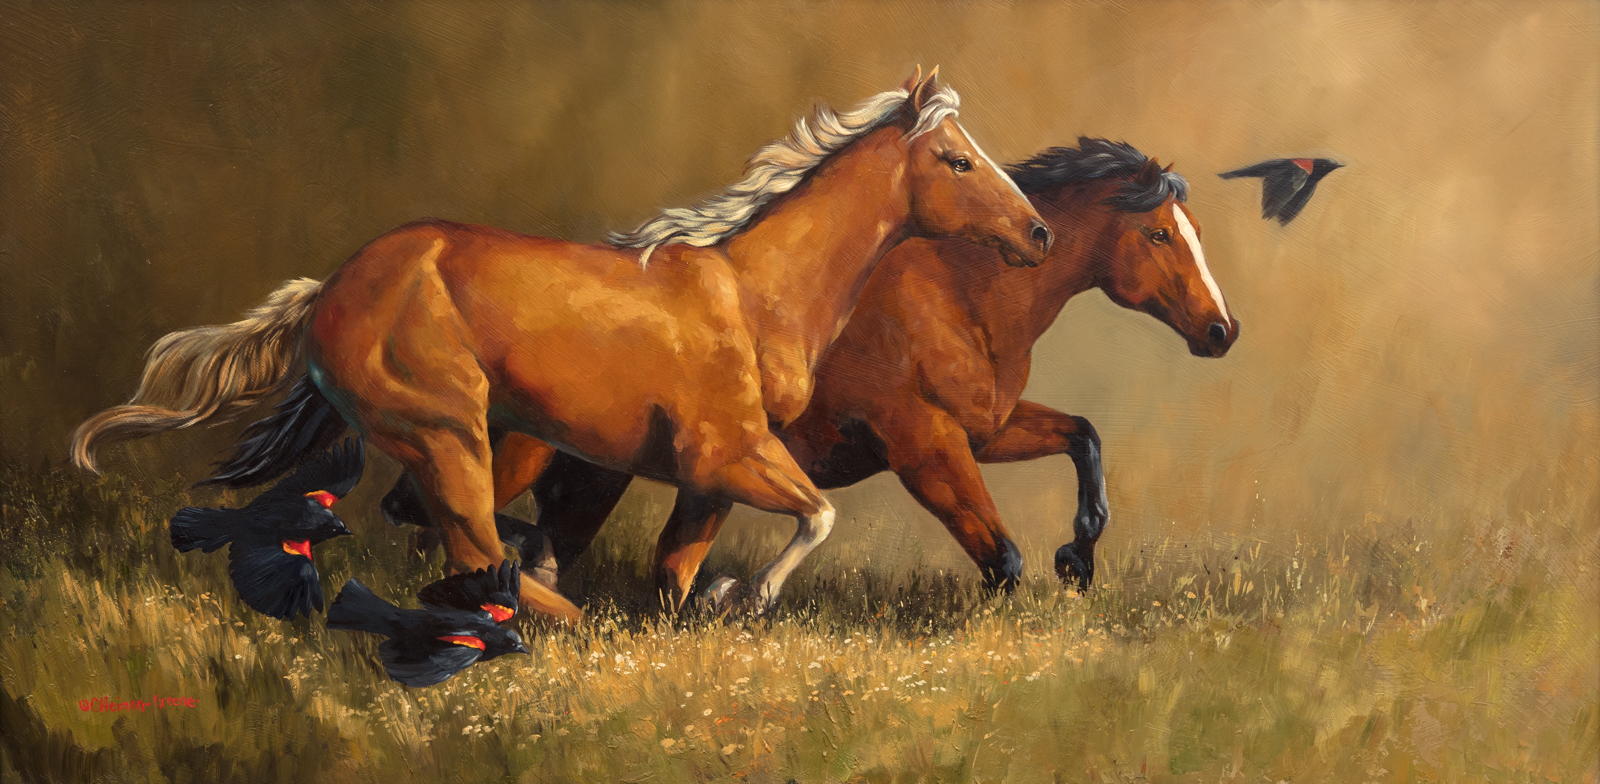 Horses/Cows